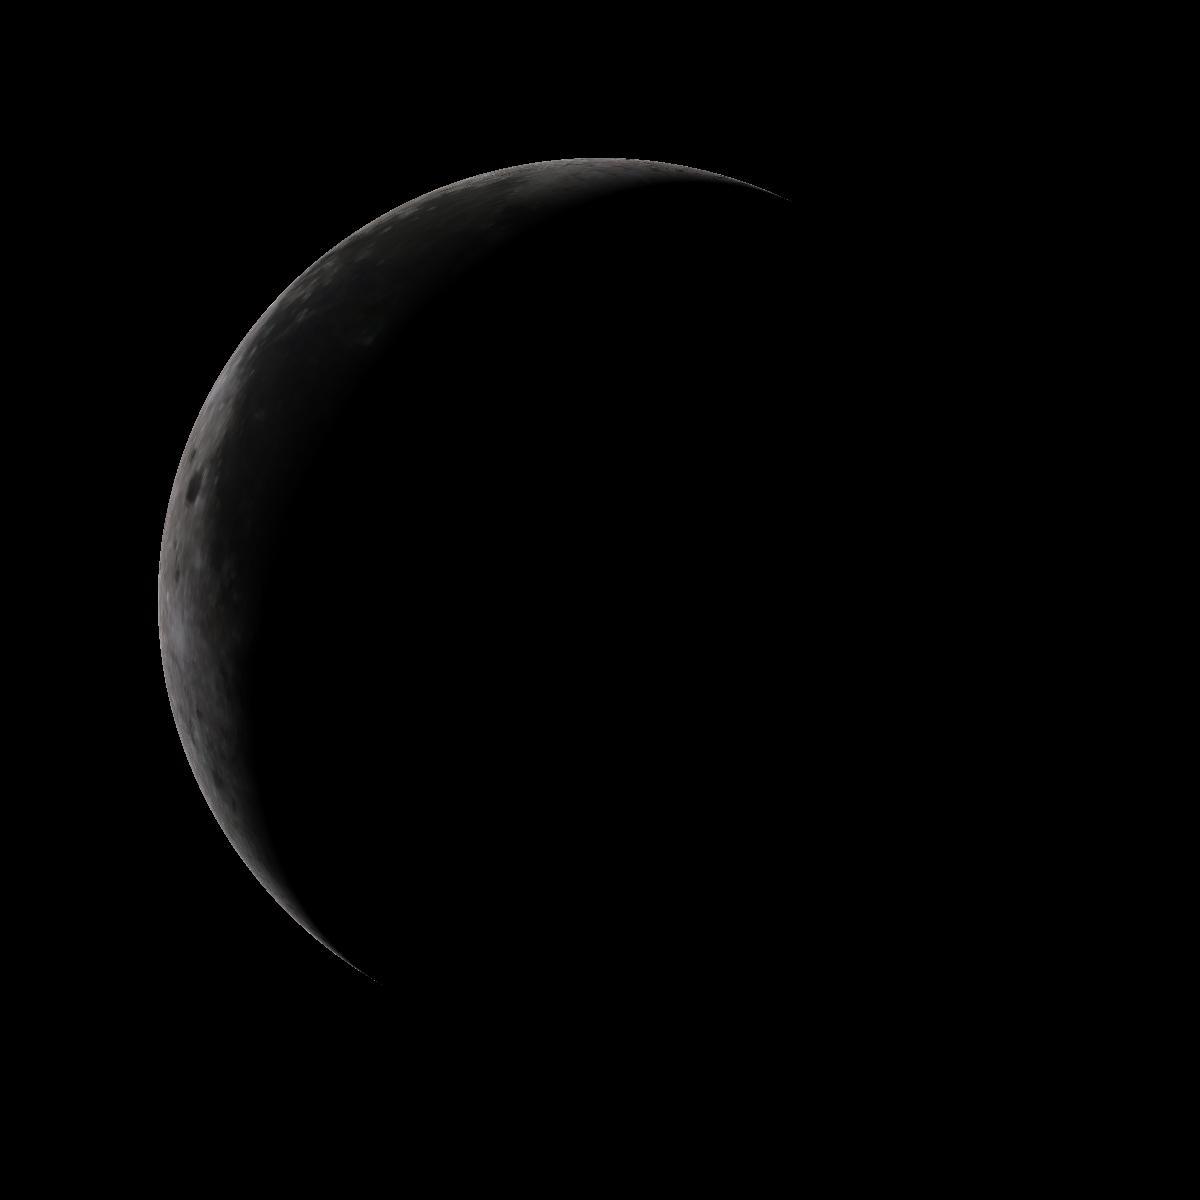 Lune du 19avril 2020